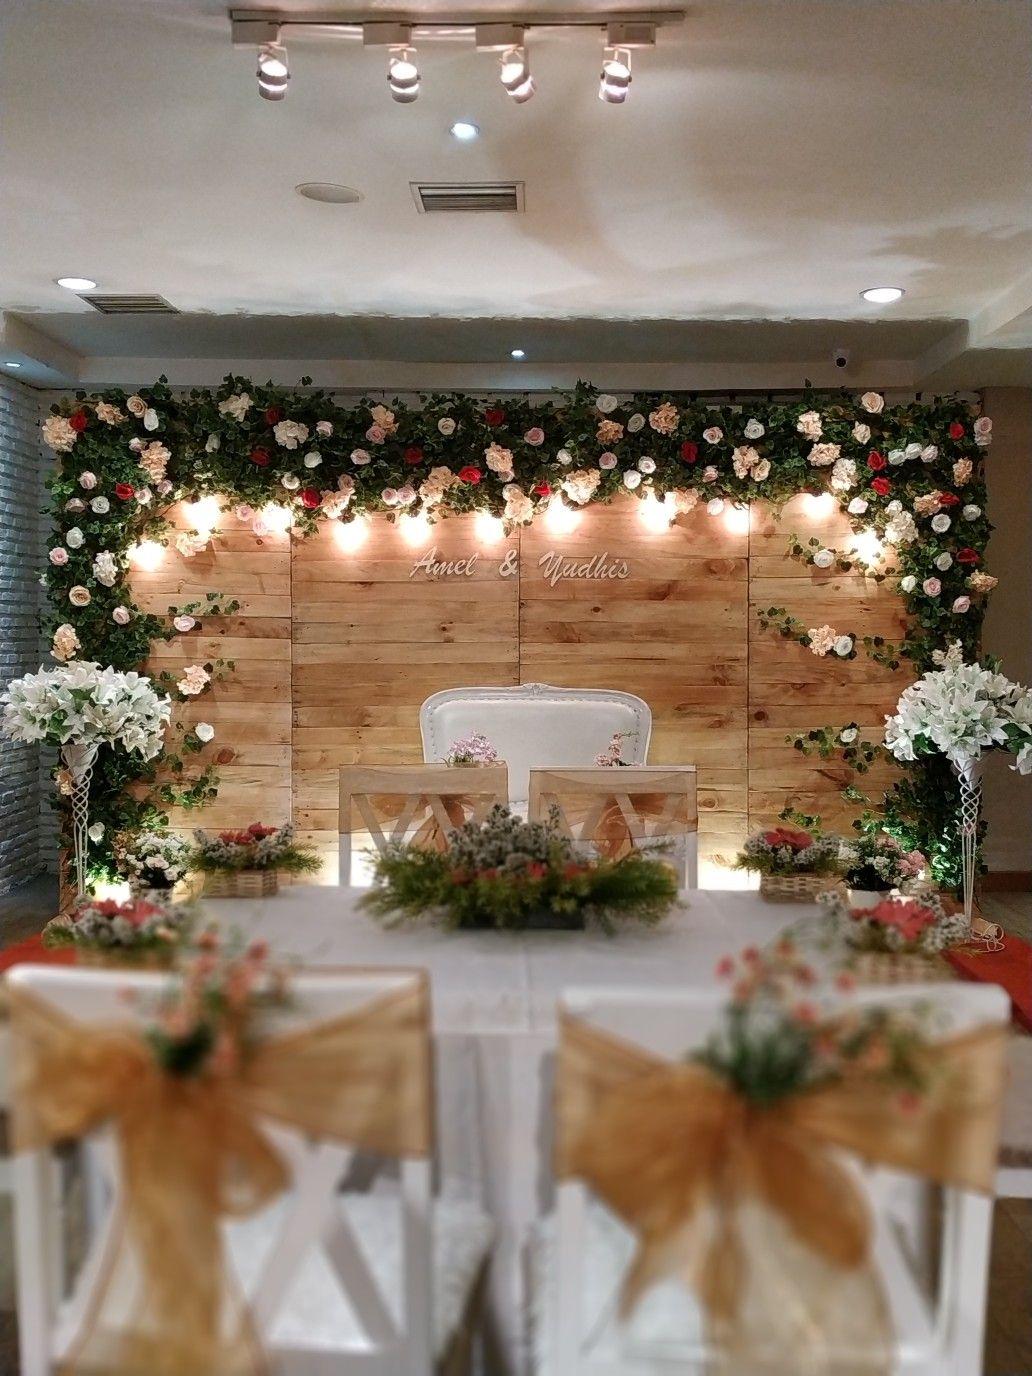 Pelaminan Mini Rustic Wedding Amel Yudhis Dekorasi By Flowerdecor70 Rosepetalbackdrop Venue Berandakitchen Tema Pernikahan Pernikahan Dekorasi Perkawinan